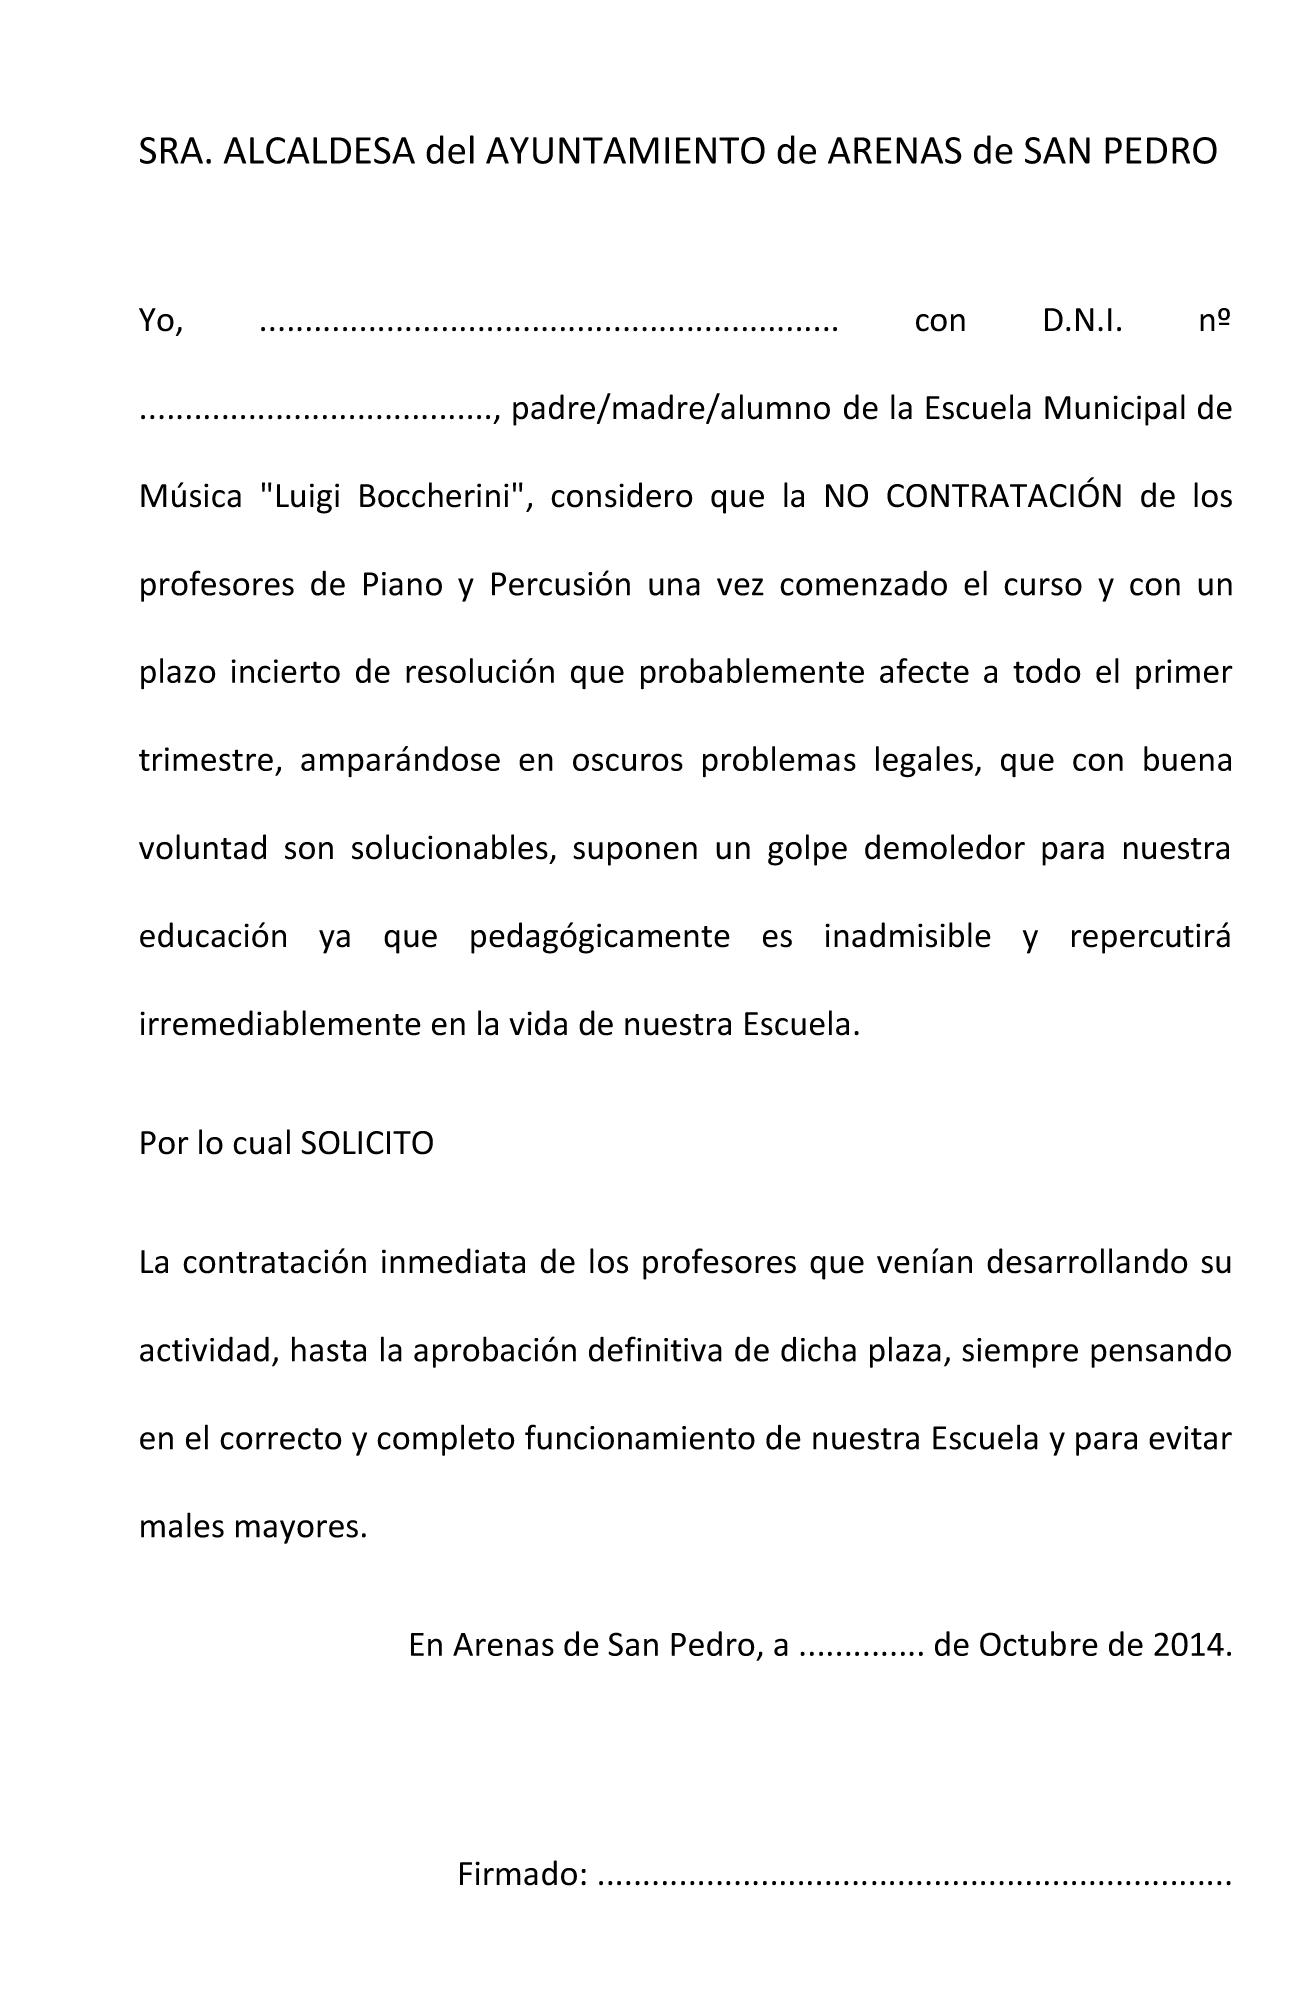 Carta Escuela de Música a Alcaldesa de Arenas de San Pedro - TiétarTeVe